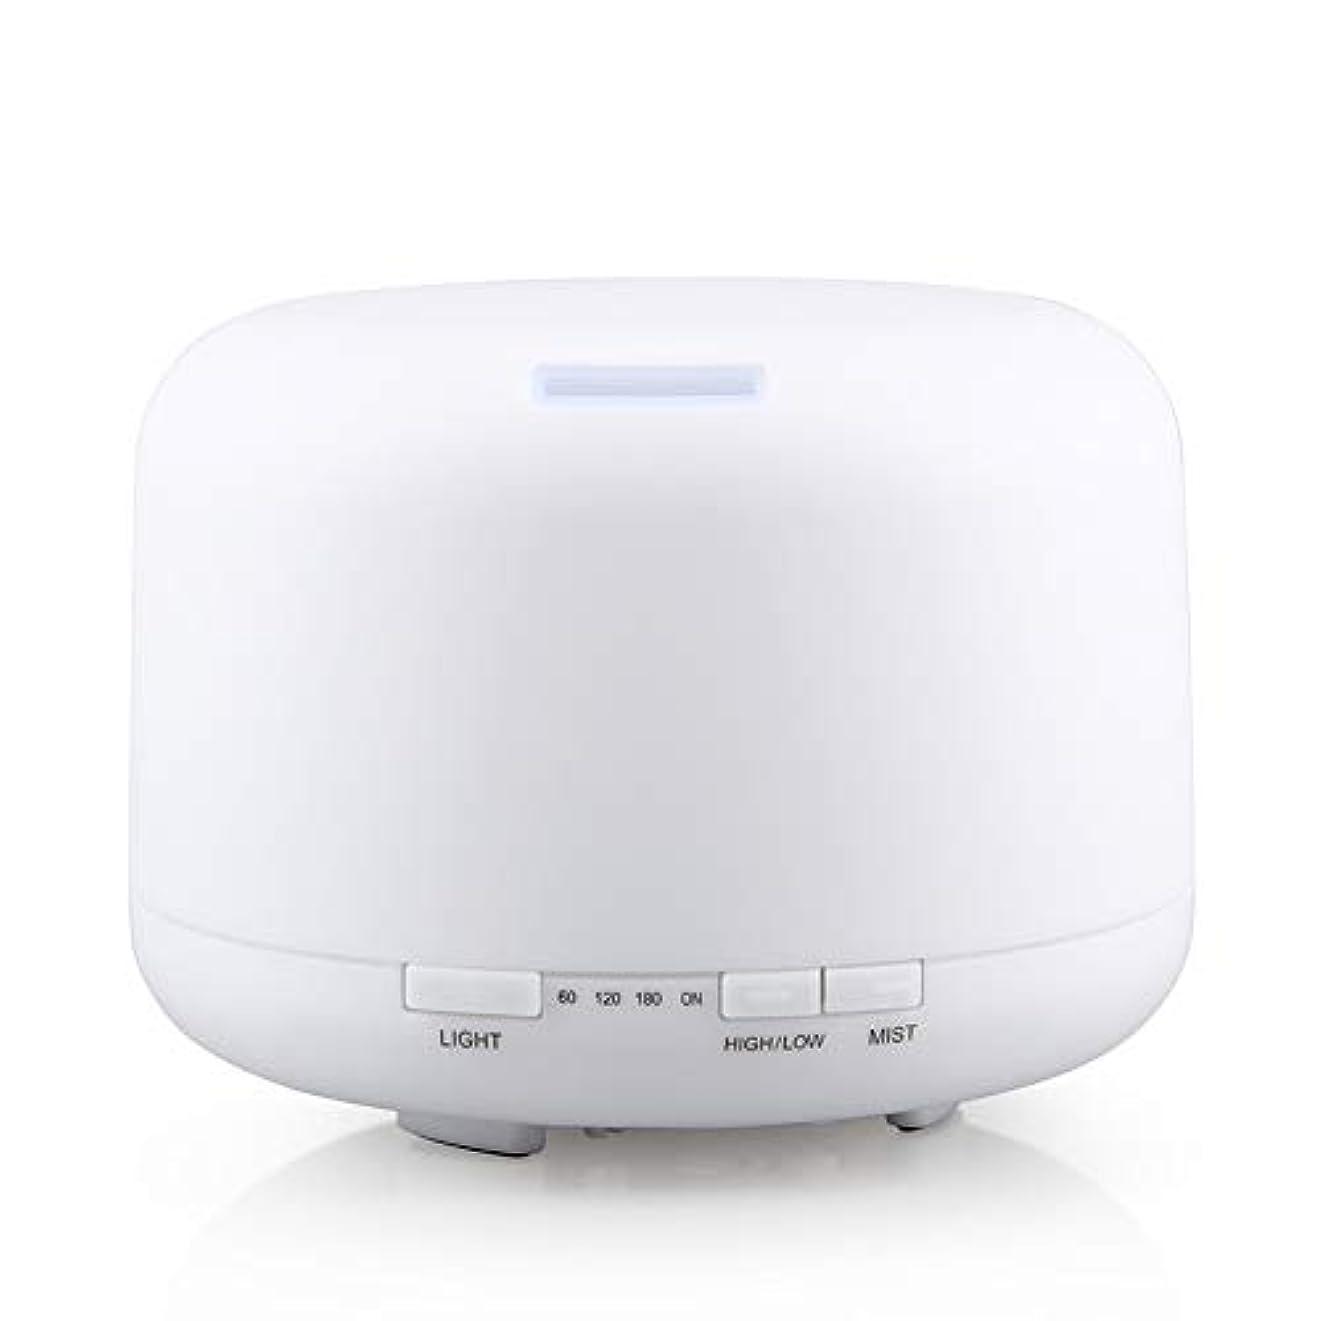 コメント聞くリクルート500ml 家庭用加湿器プラグイン超音波アロマセラピーマシンエッセンシャルオイル加湿器ホームナイトライト